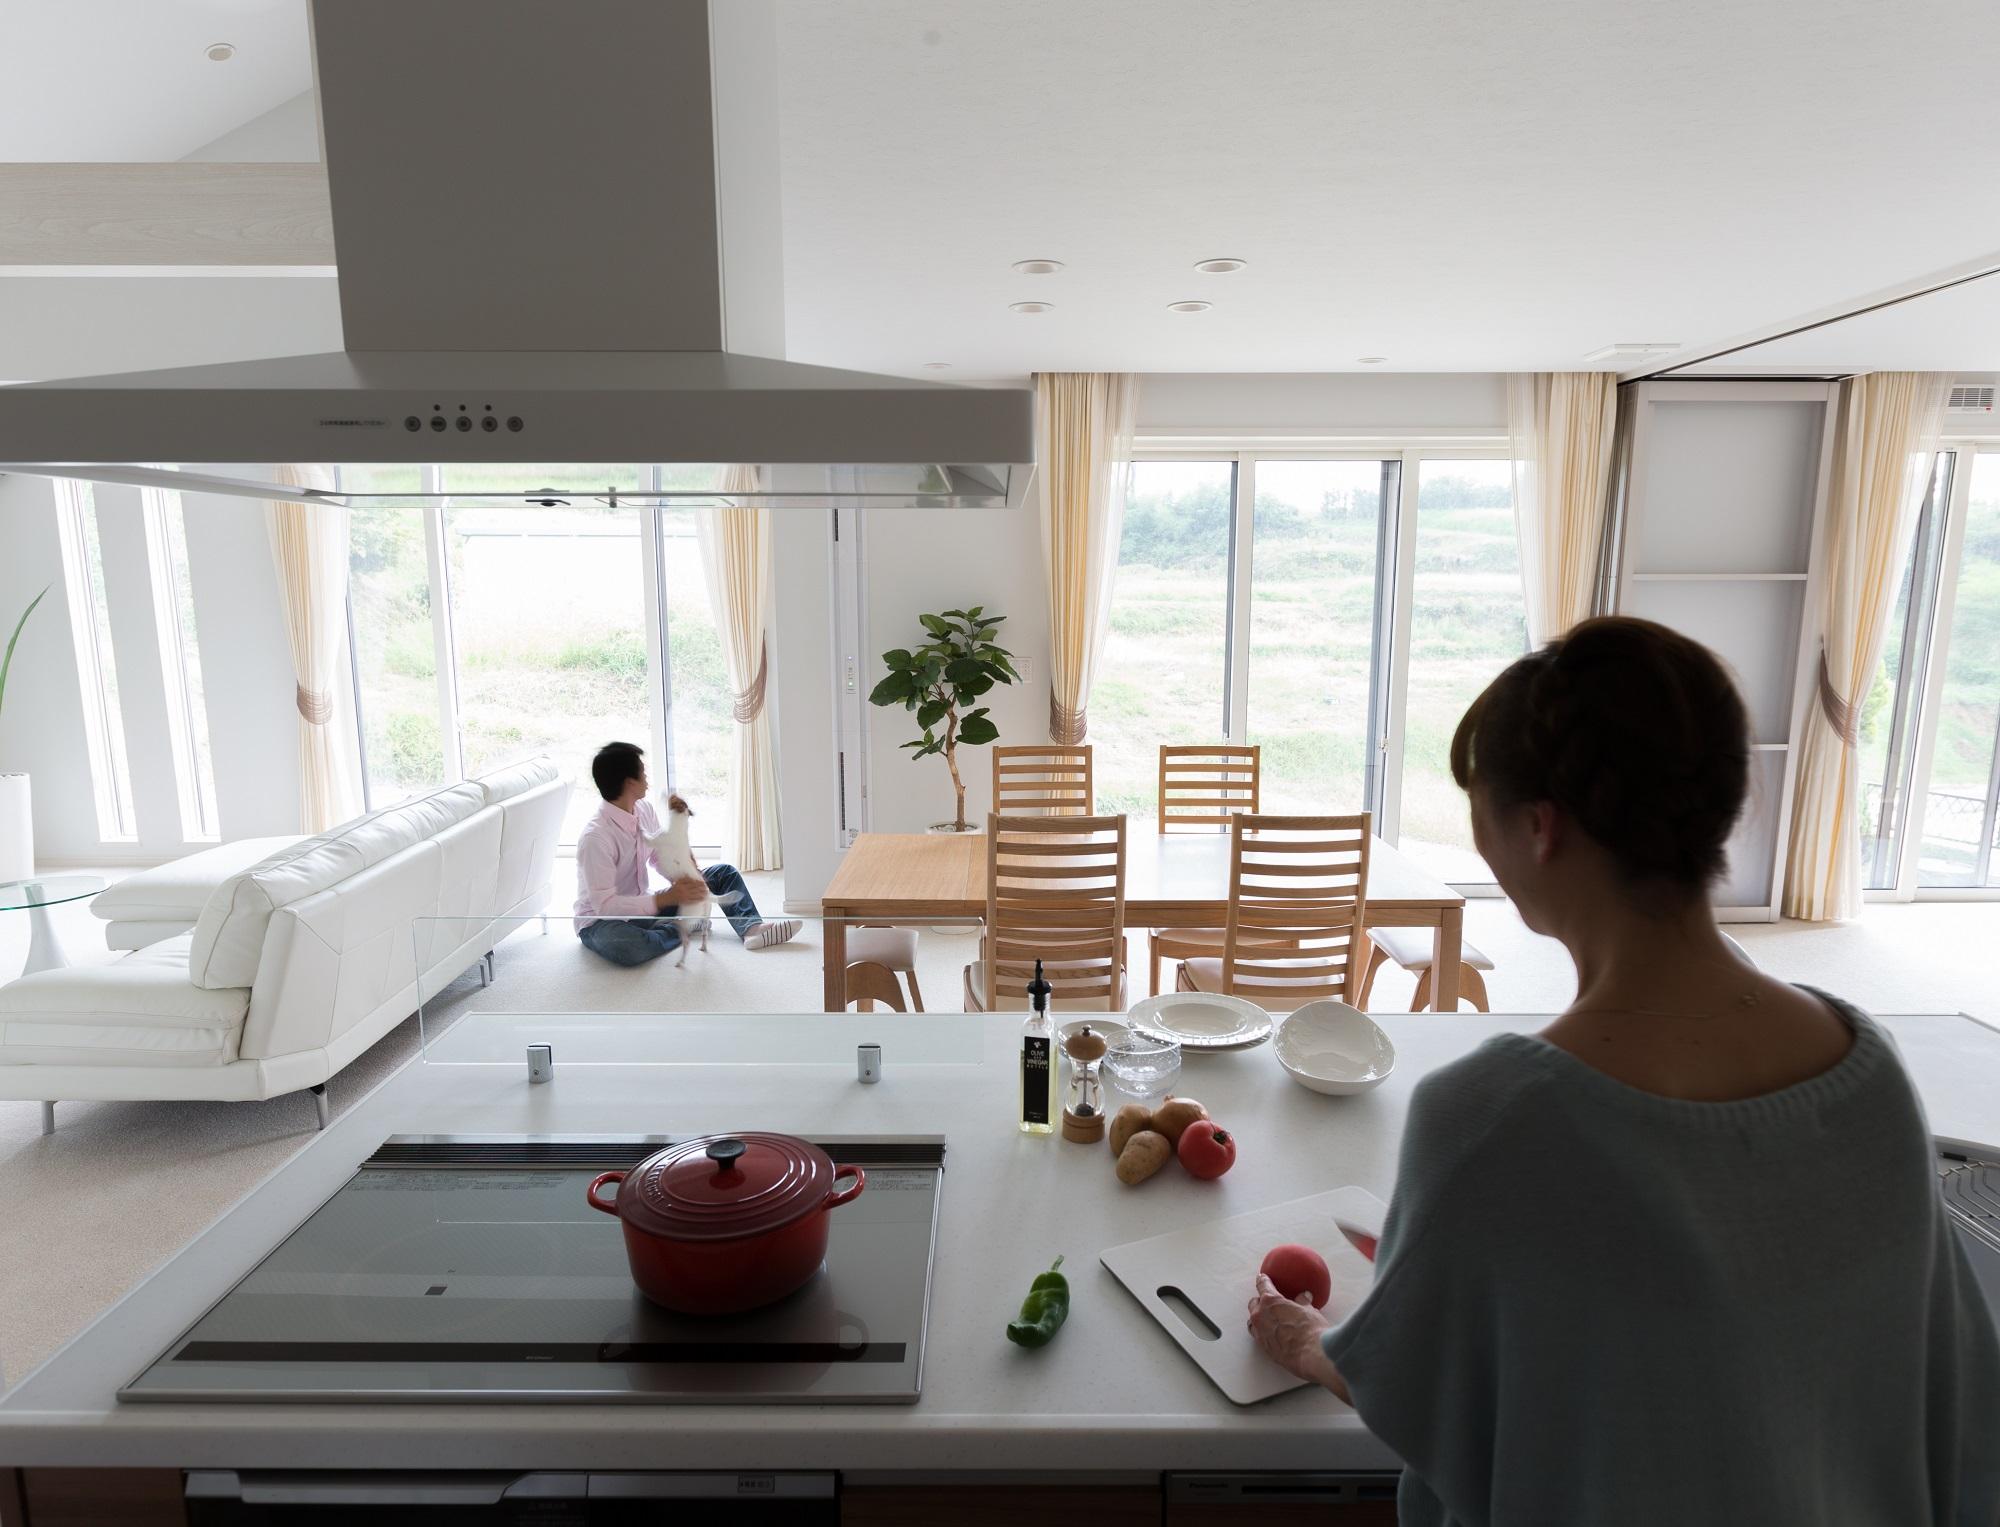 愛犬が快適に暮らすためのアイデアがいっぱい。シンプルな美を追求した平屋住宅。